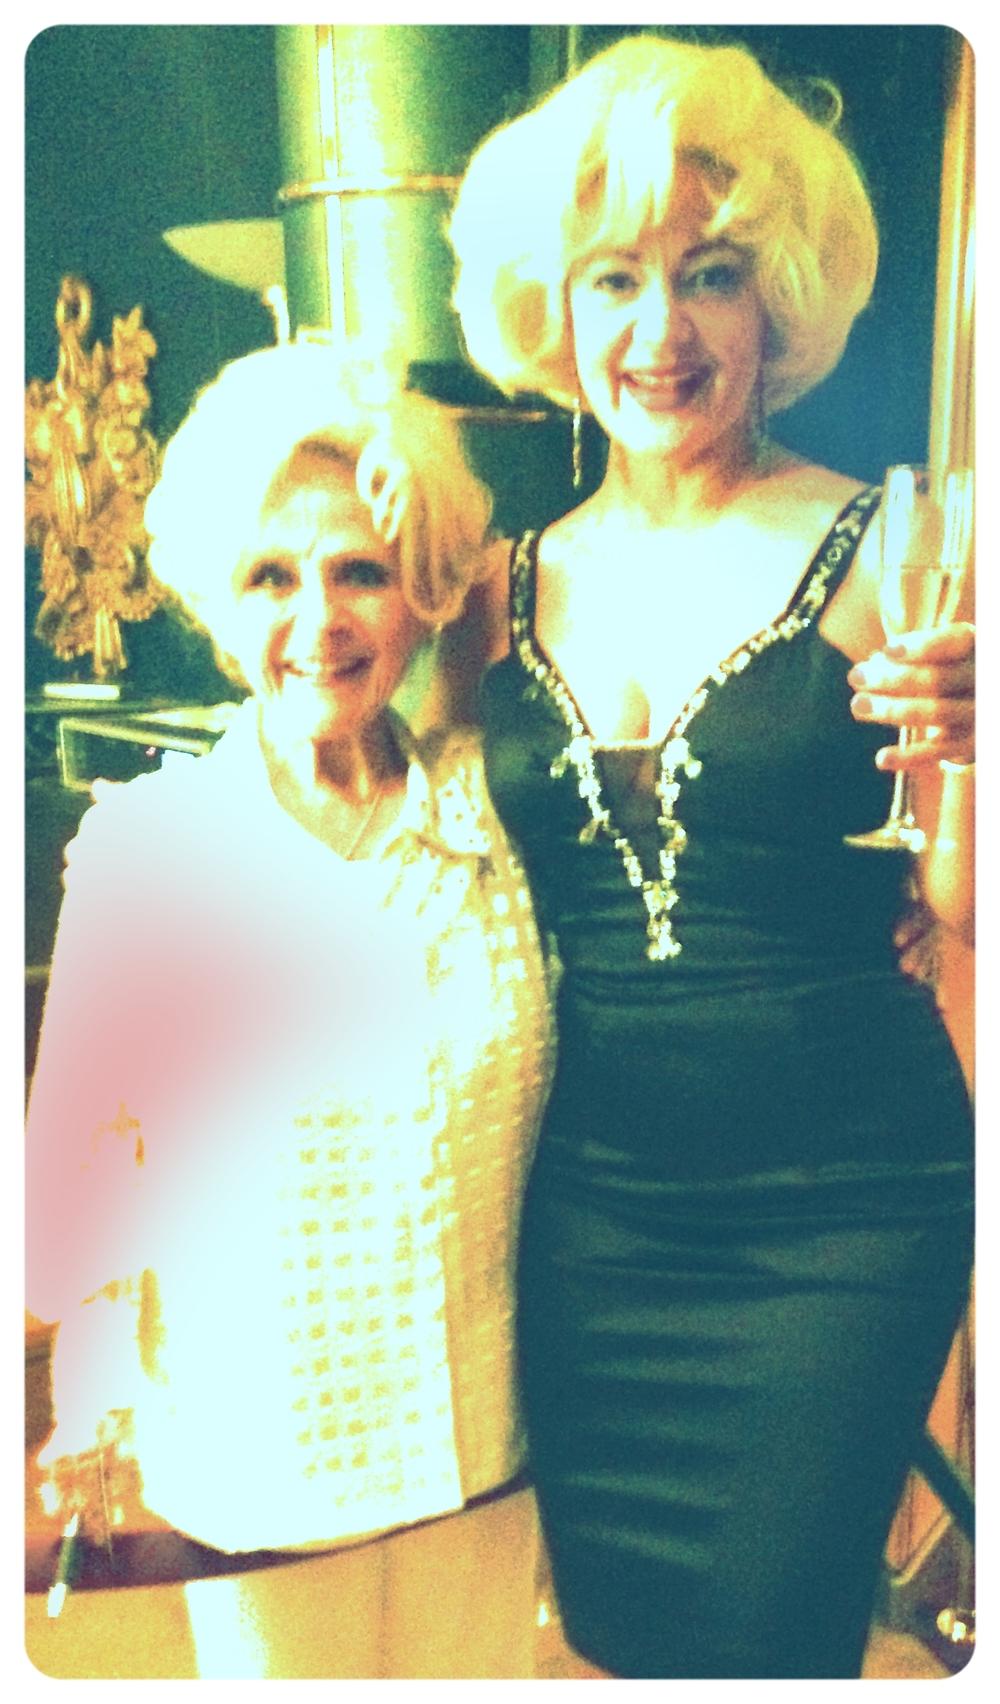 Sheri with Brenda Lee